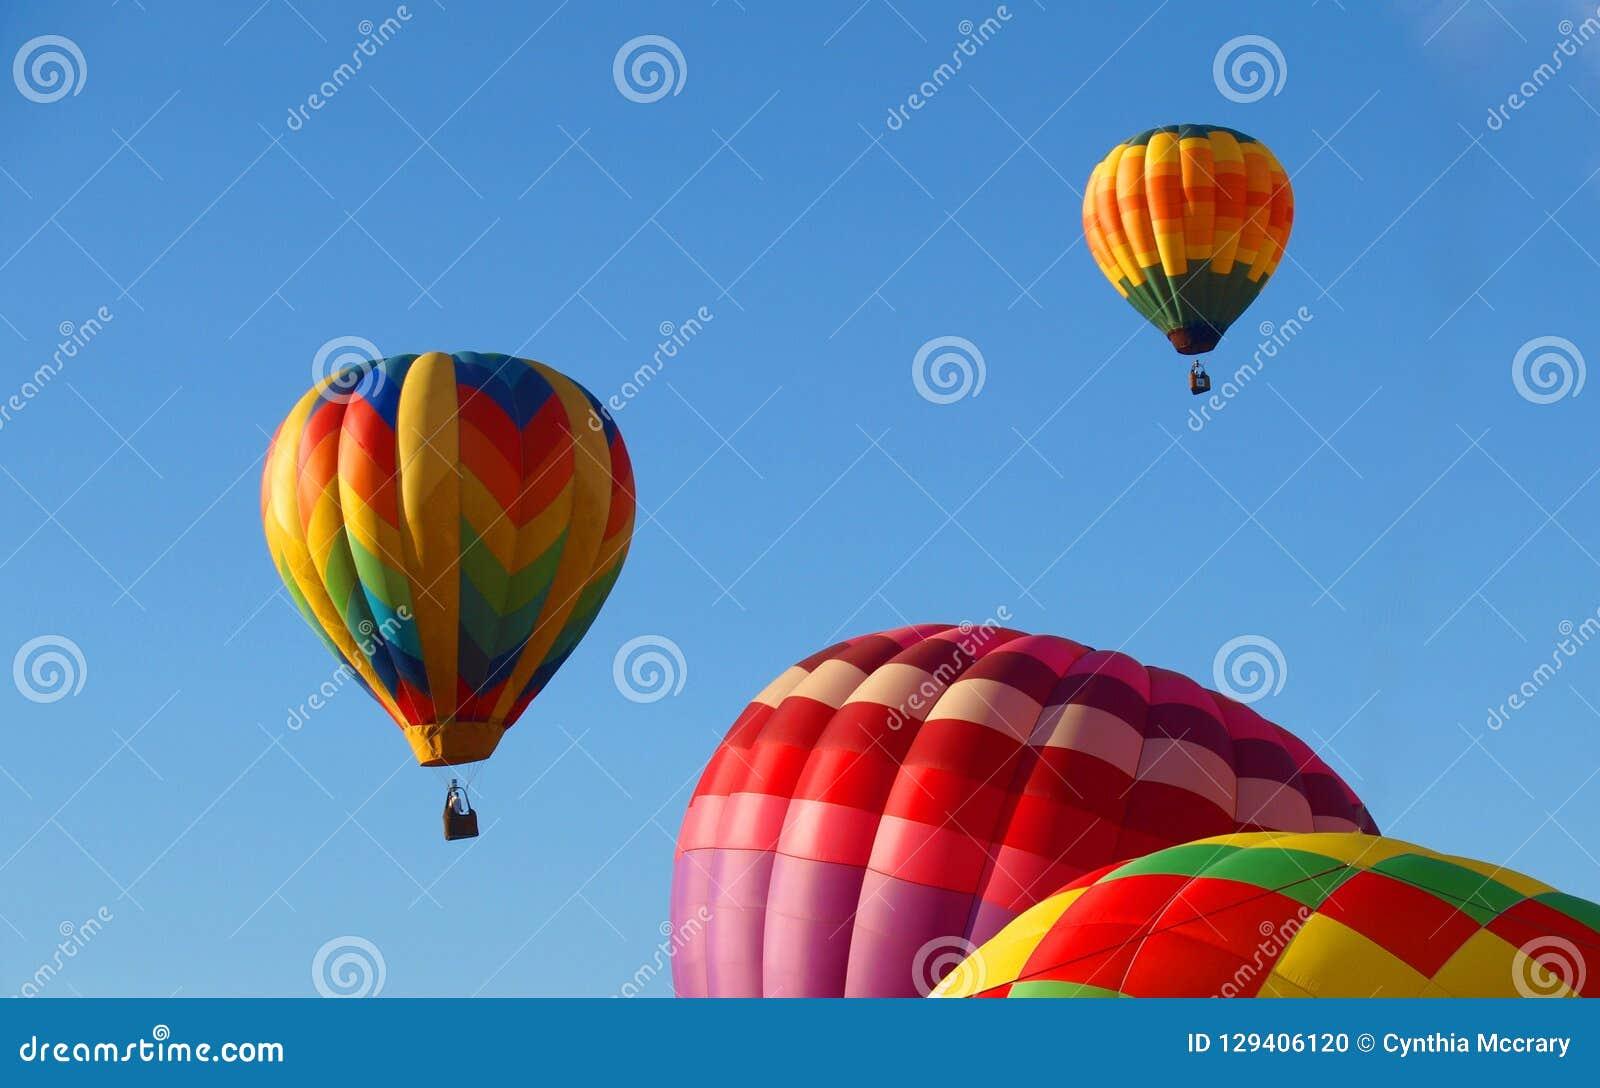 Hot Air Balloons at Carolina BalloonFest